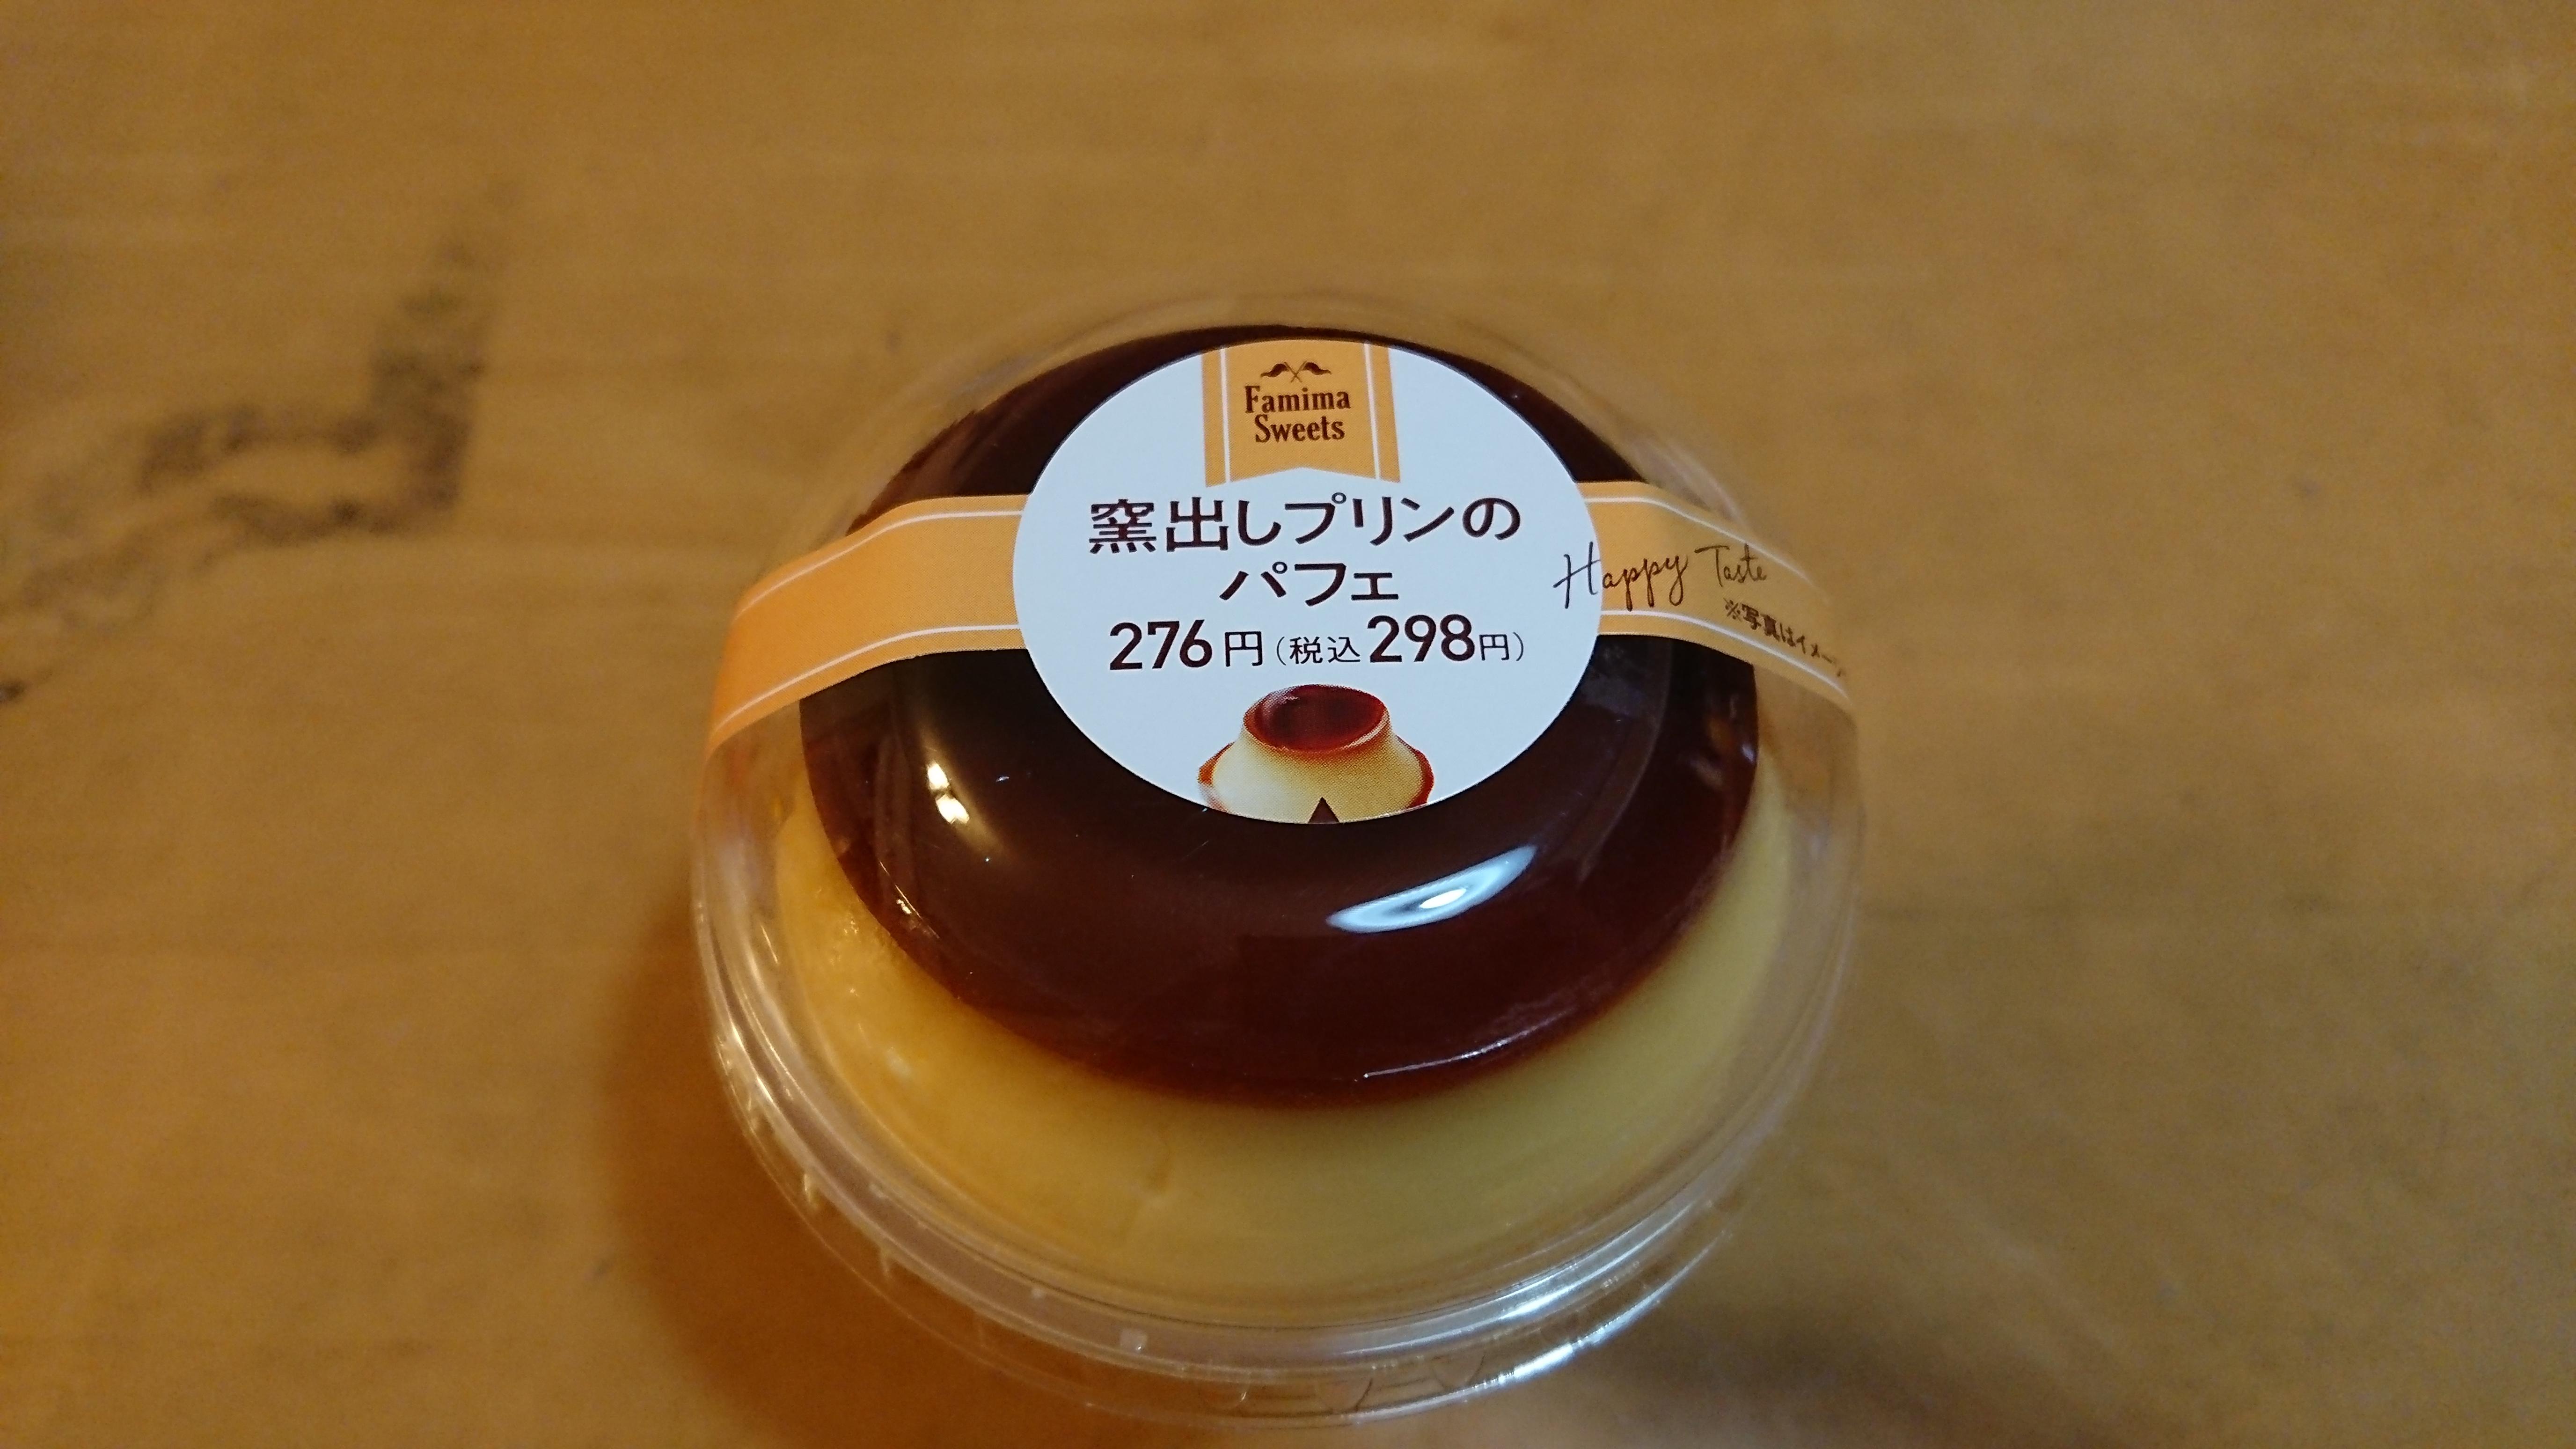 #144【耳から飯テロ⑥】窯出しプリンのパフェ